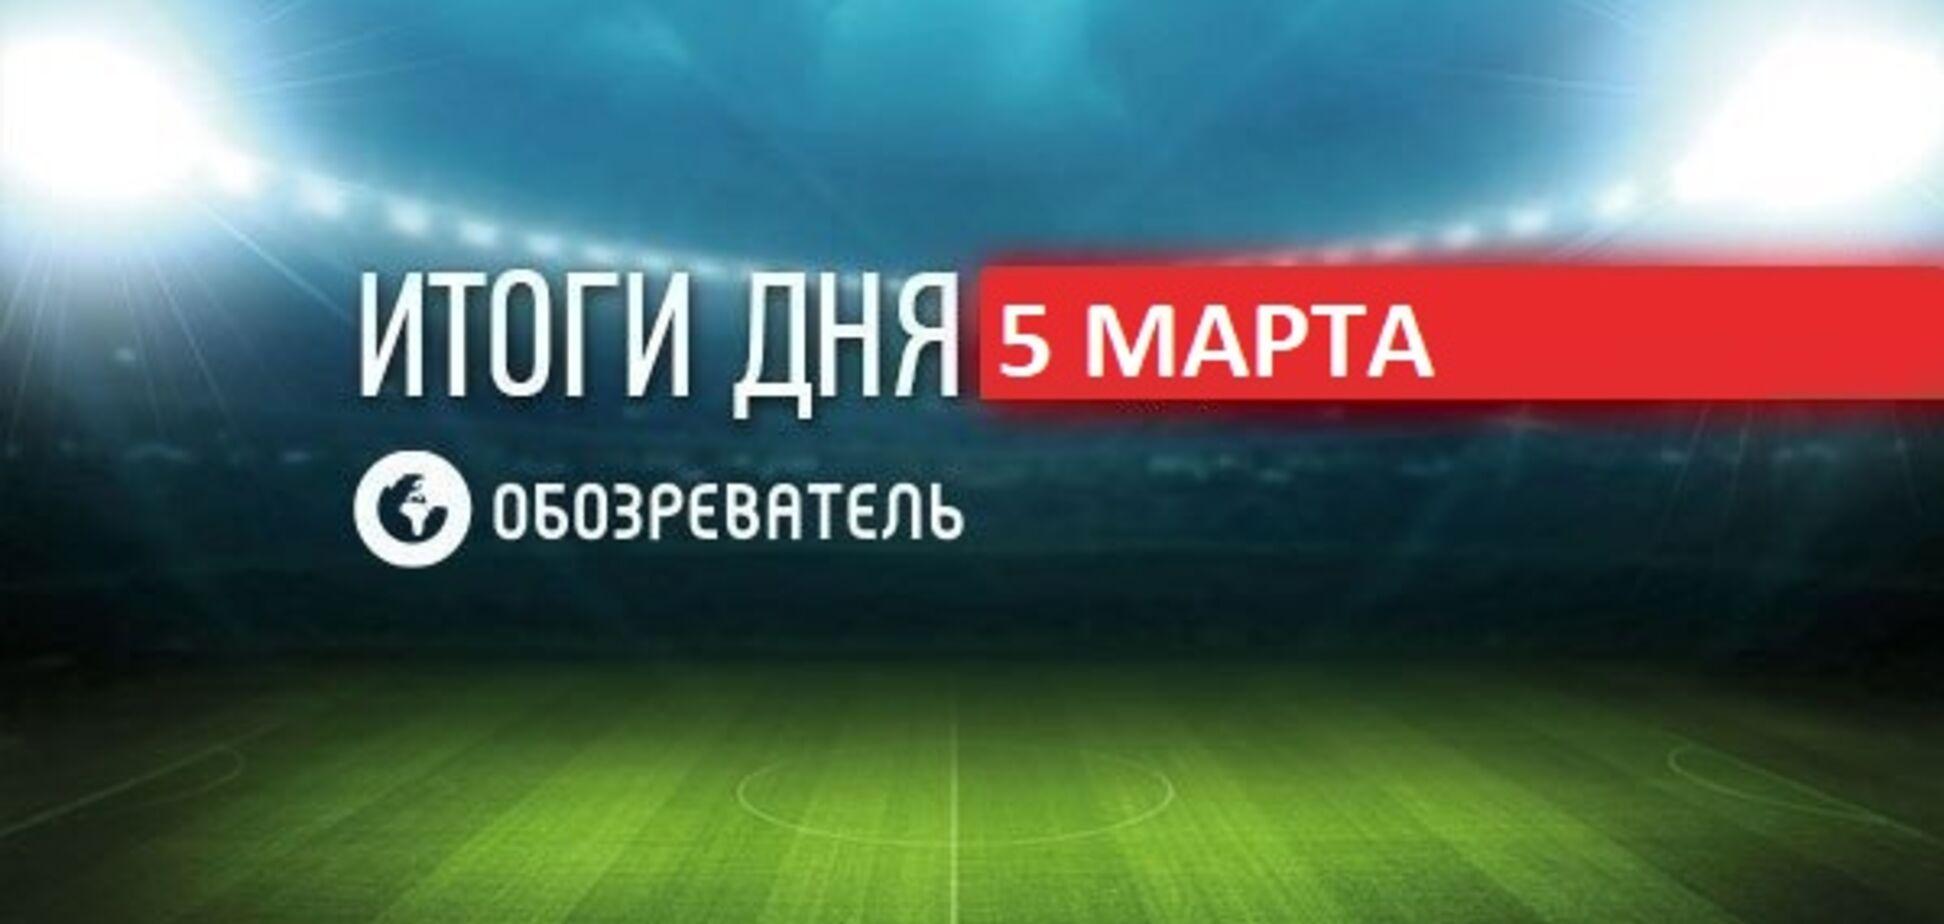 Украинские шахматисты умерли в Москве: спортивные итоги 5 марта